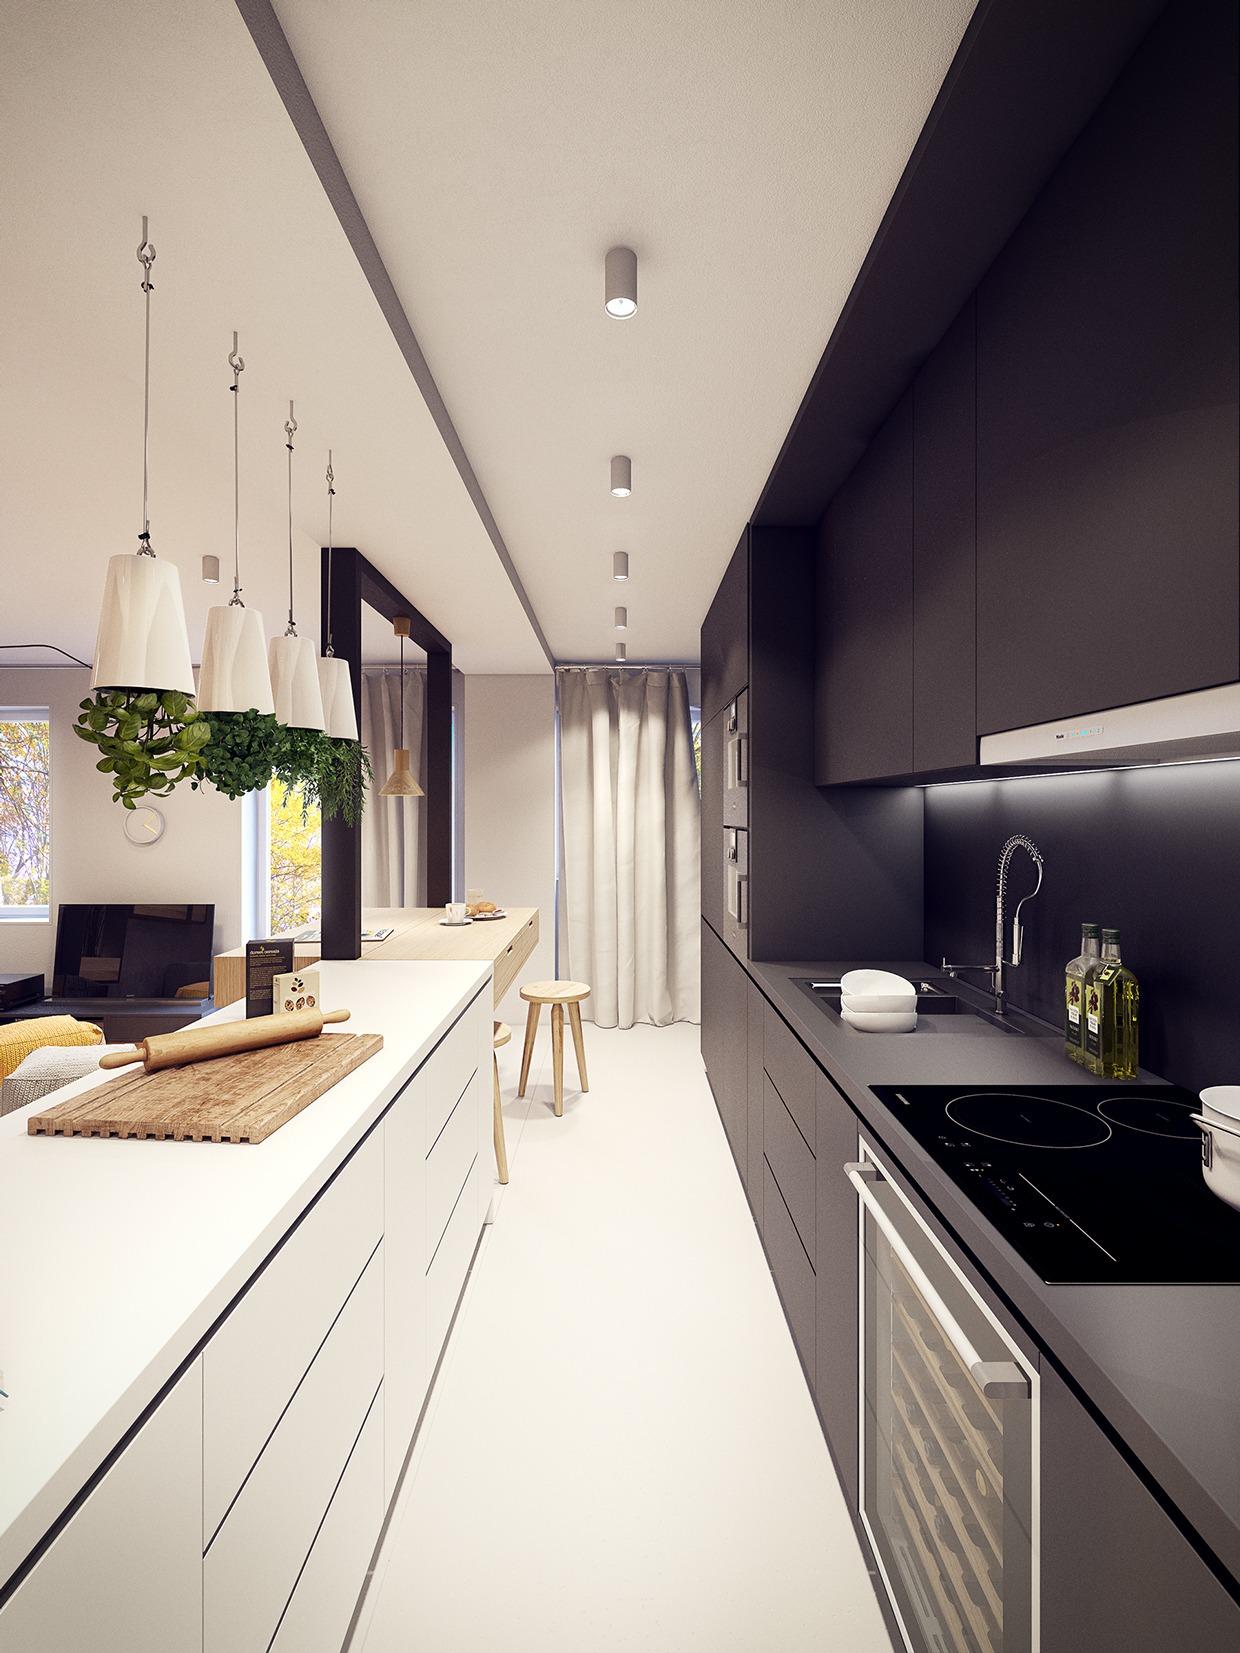 creativesleekkitchen  Interior Design Ideas